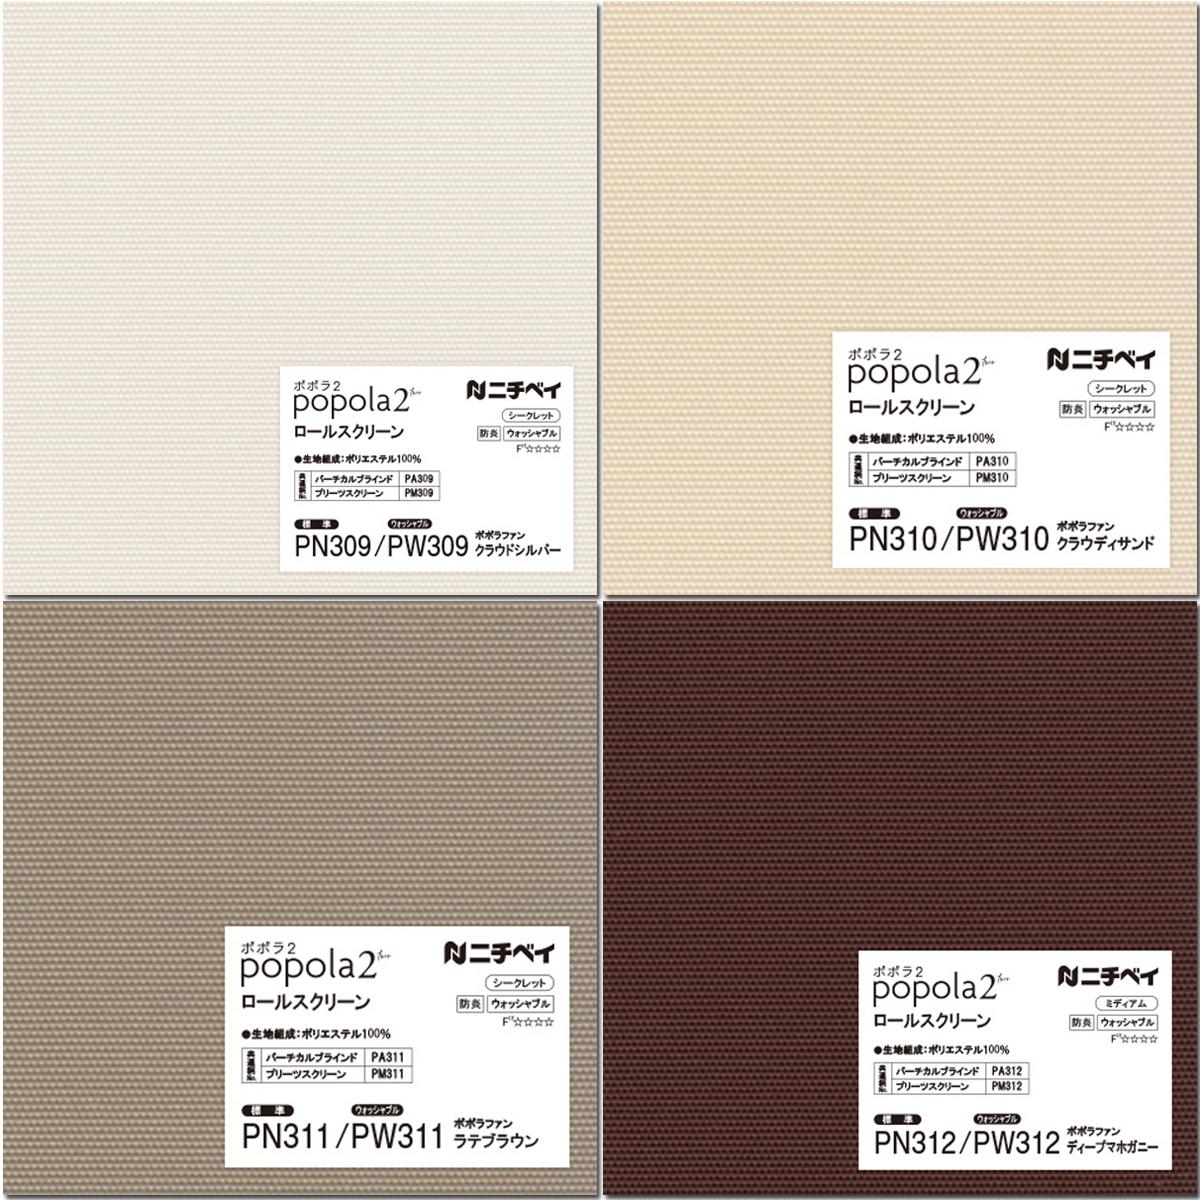 【ニチベイ】ロールスクリーン ポポラ2 ポポラファン 30色 ダブルタイプもあり ロールカーテン オーダーサイズ_画像5